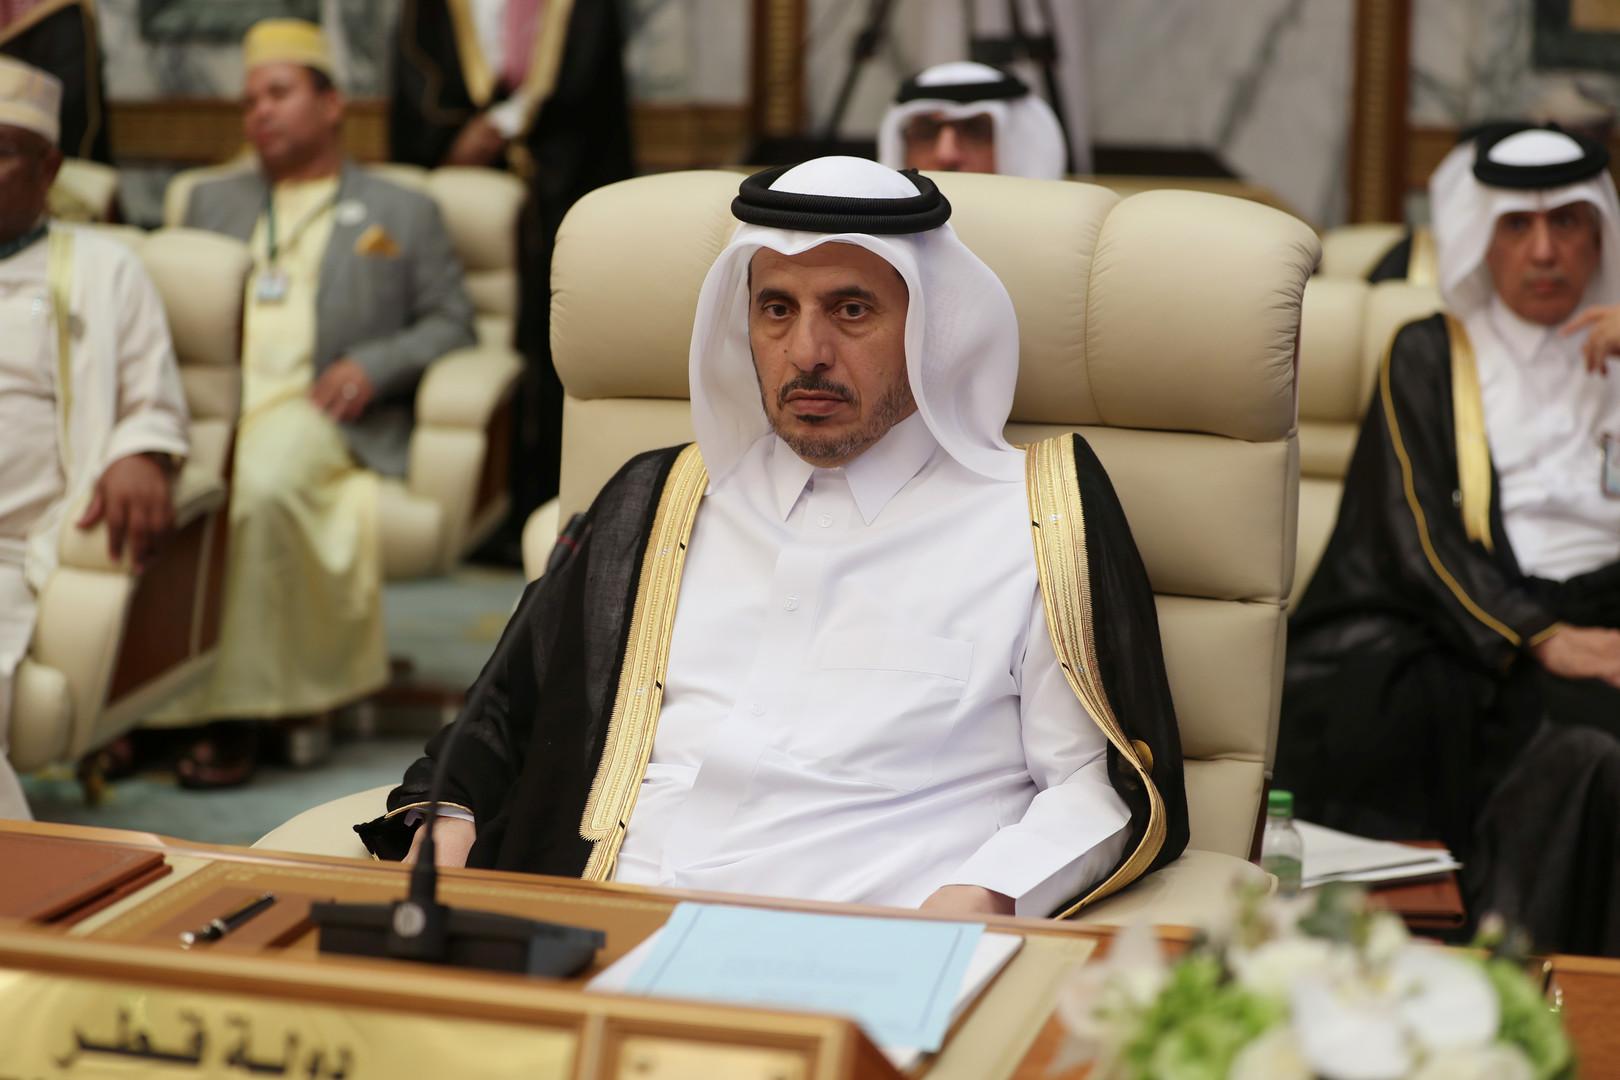 أول تعليق لرئيس الوزراء القطري بعد مشاركته في قمم مكة الثلاث!